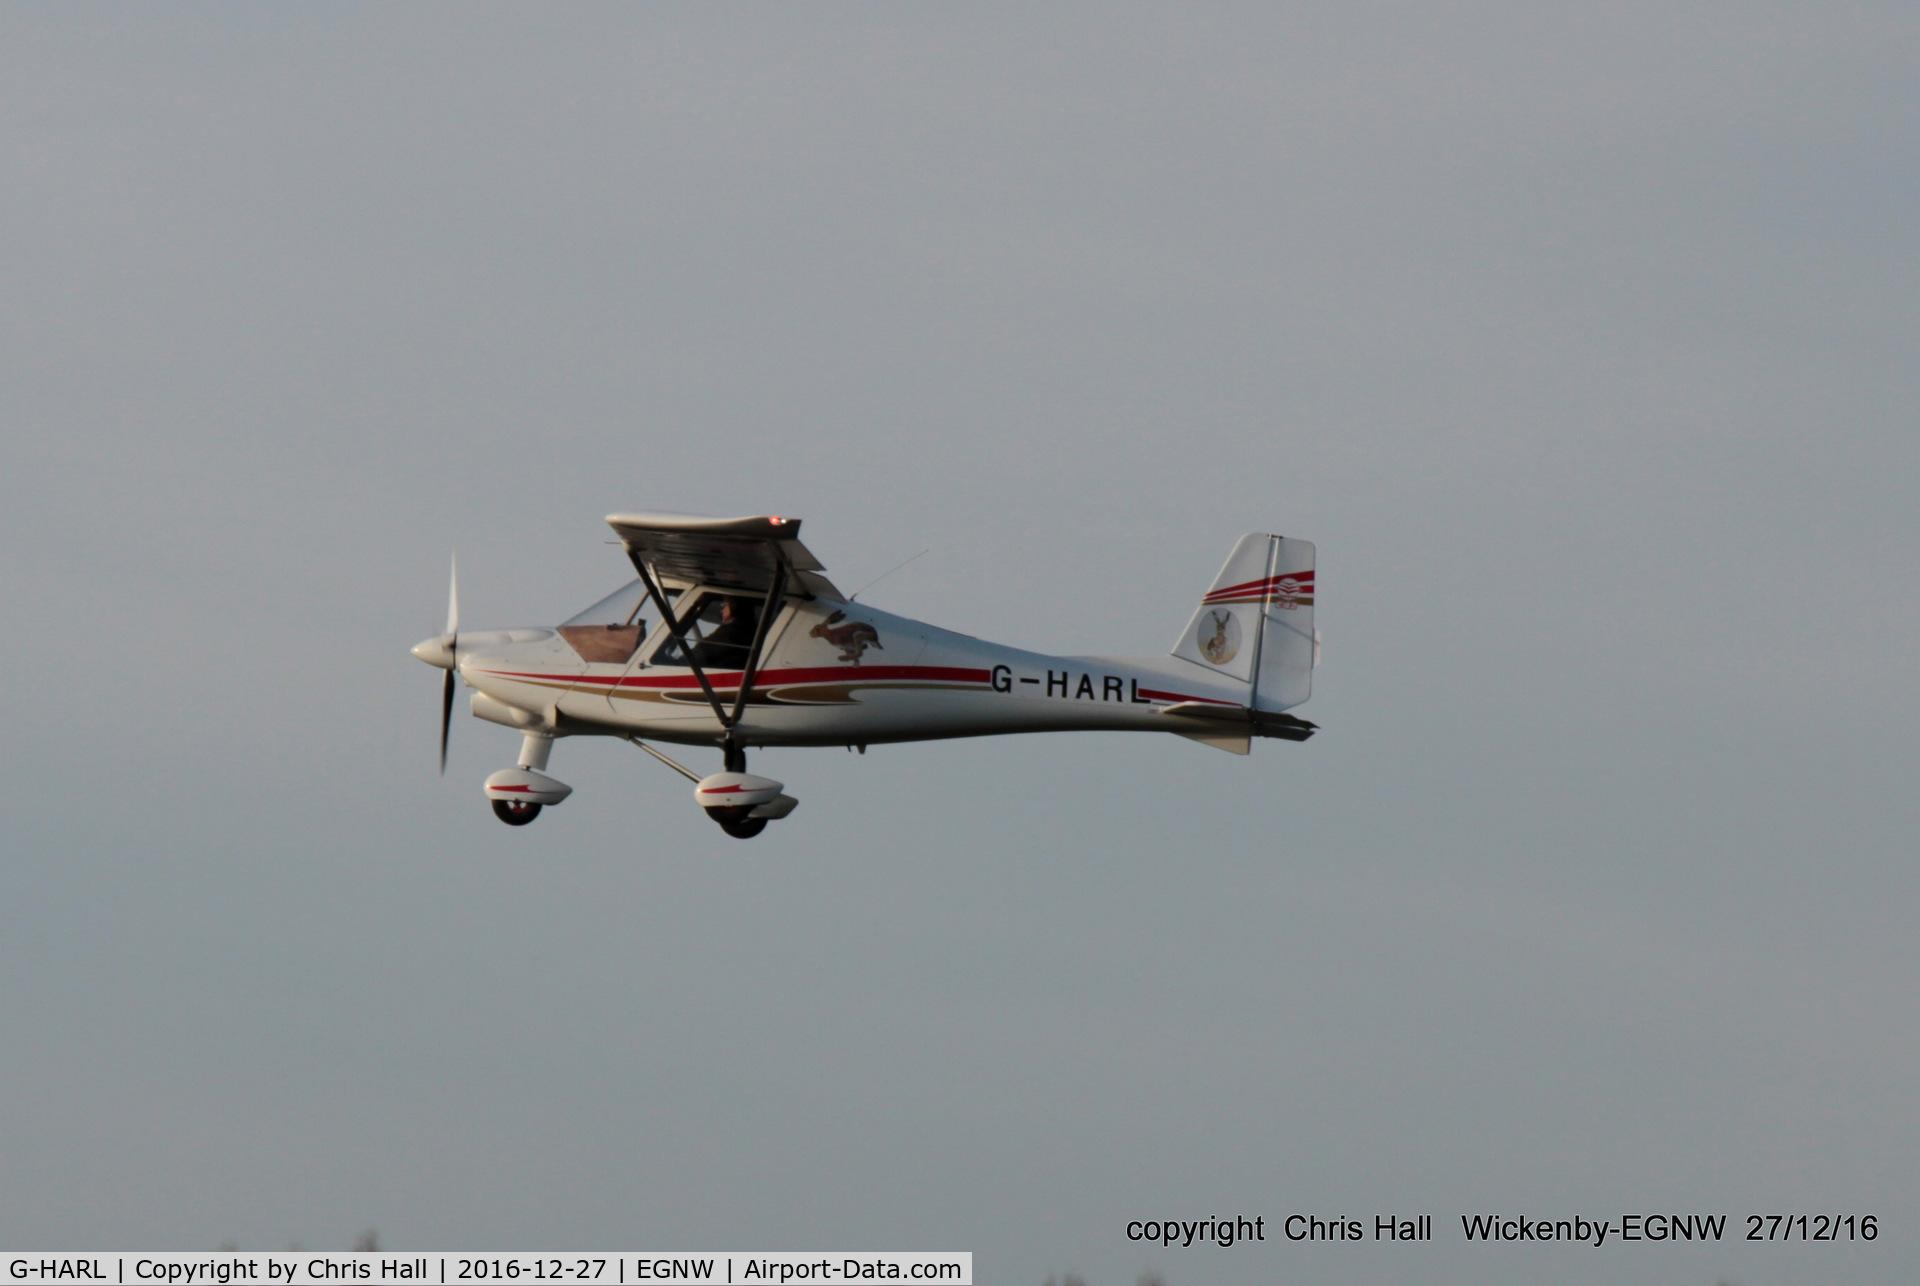 G-HARL, 2015 Comco Ikarus C42 FB100 Bravo C/N 1509-7418, at the Wickenby